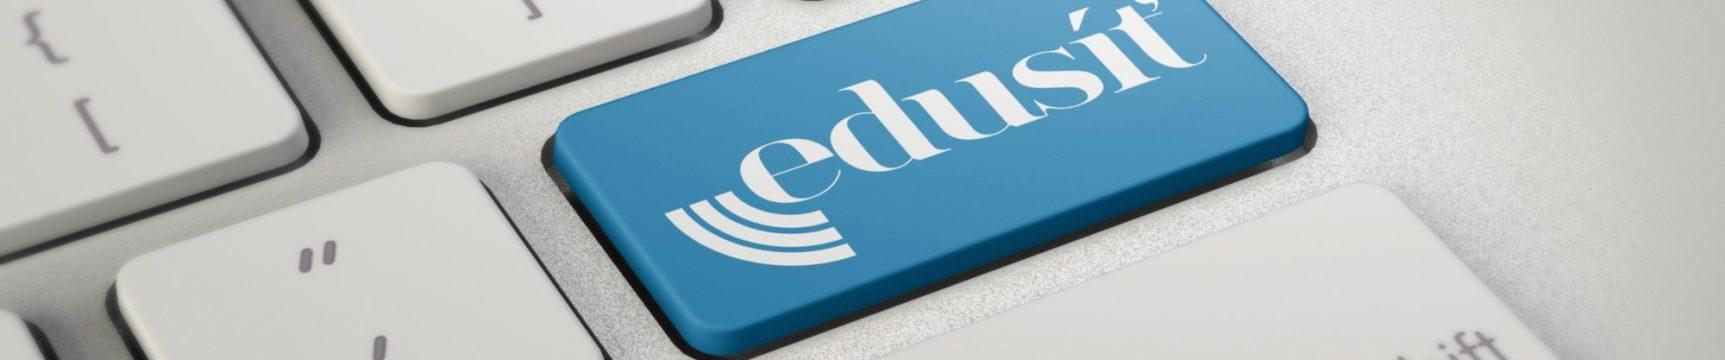 Edusíť: otevřená síť odborníků v tematických oblastech vzdělávání